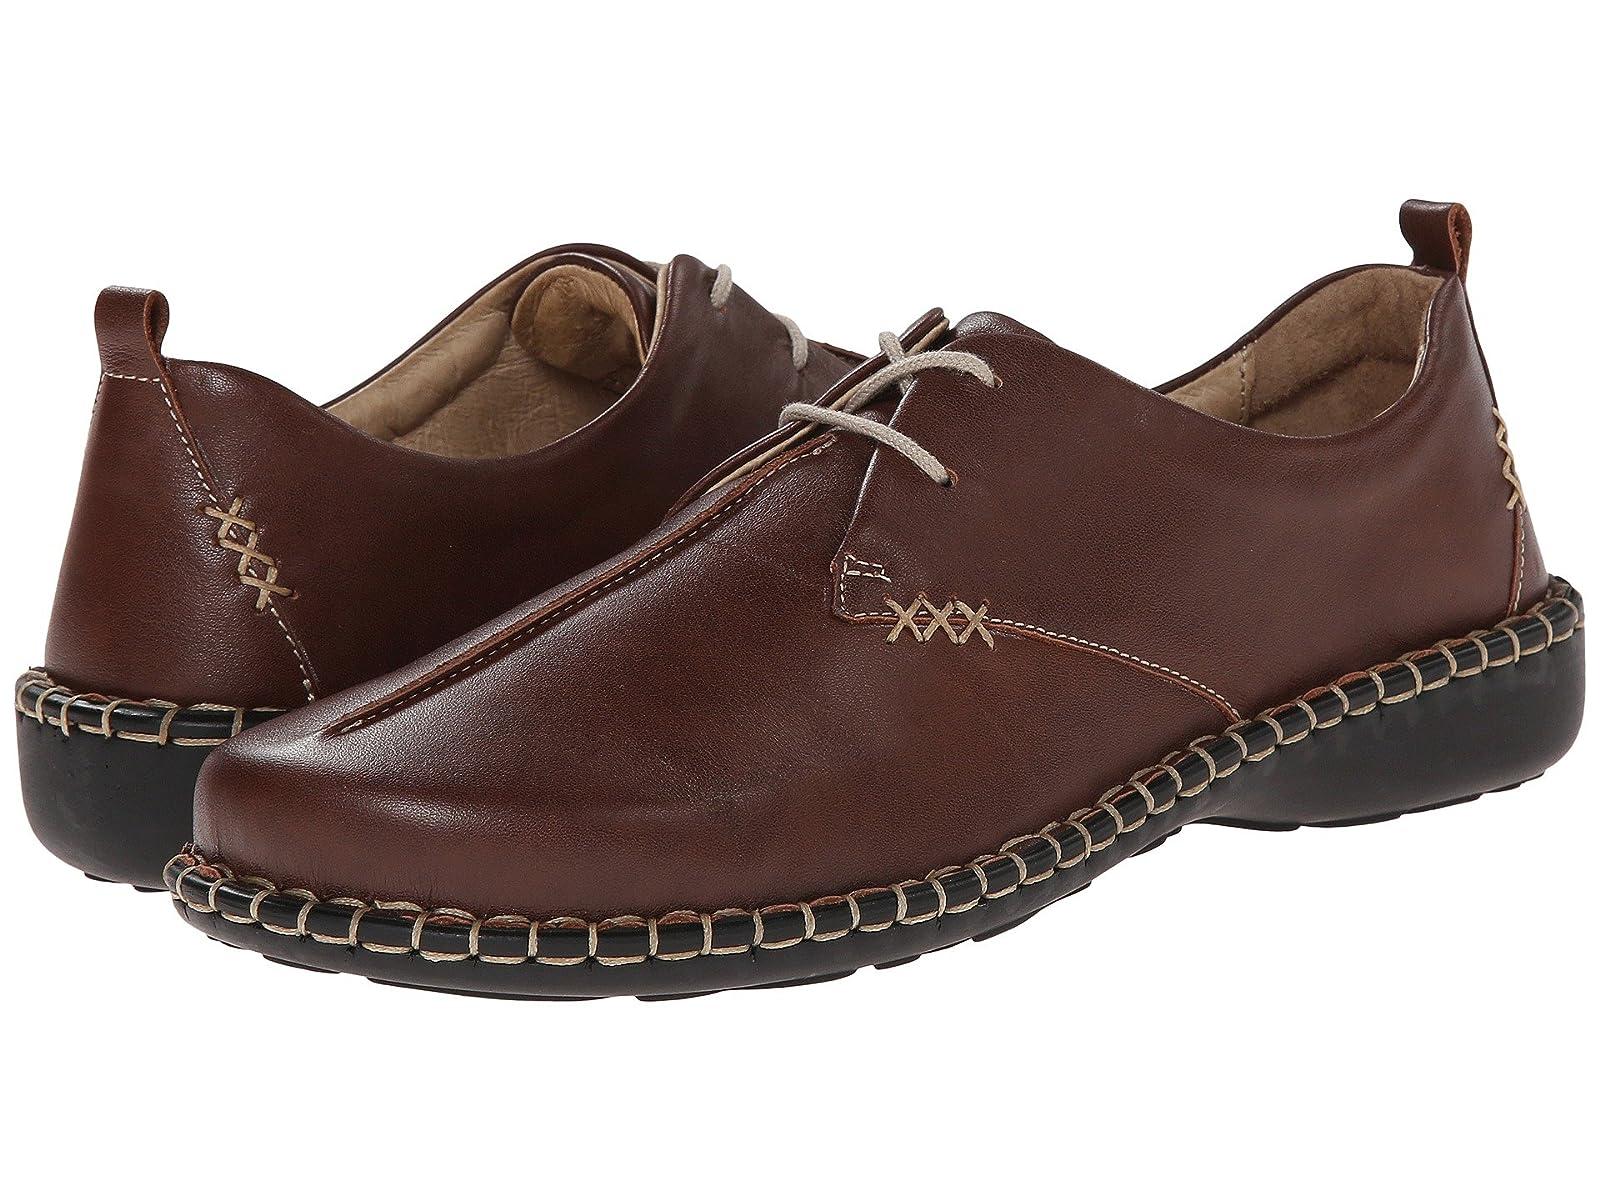 Josef Seibel Lindsay 2Atmospheric grades have affordable shoes